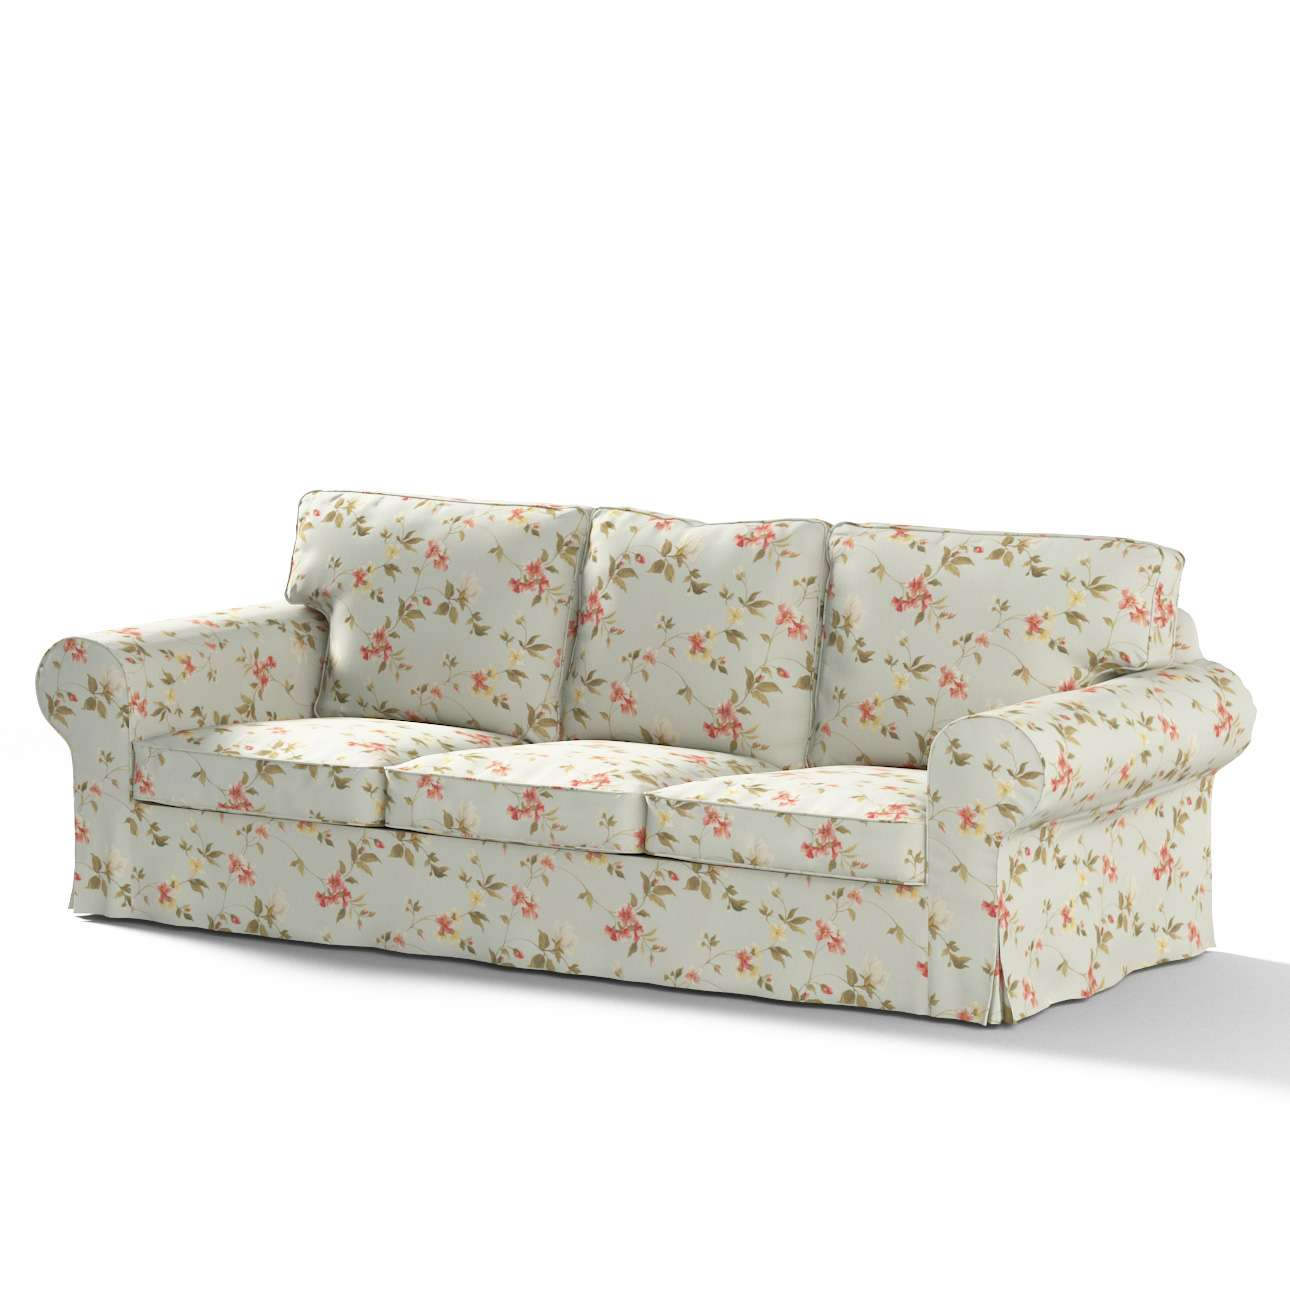 Pokrowiec na sofę Ektorp 3-osobową, nierozkładaną w kolekcji Londres, tkanina: 124-65